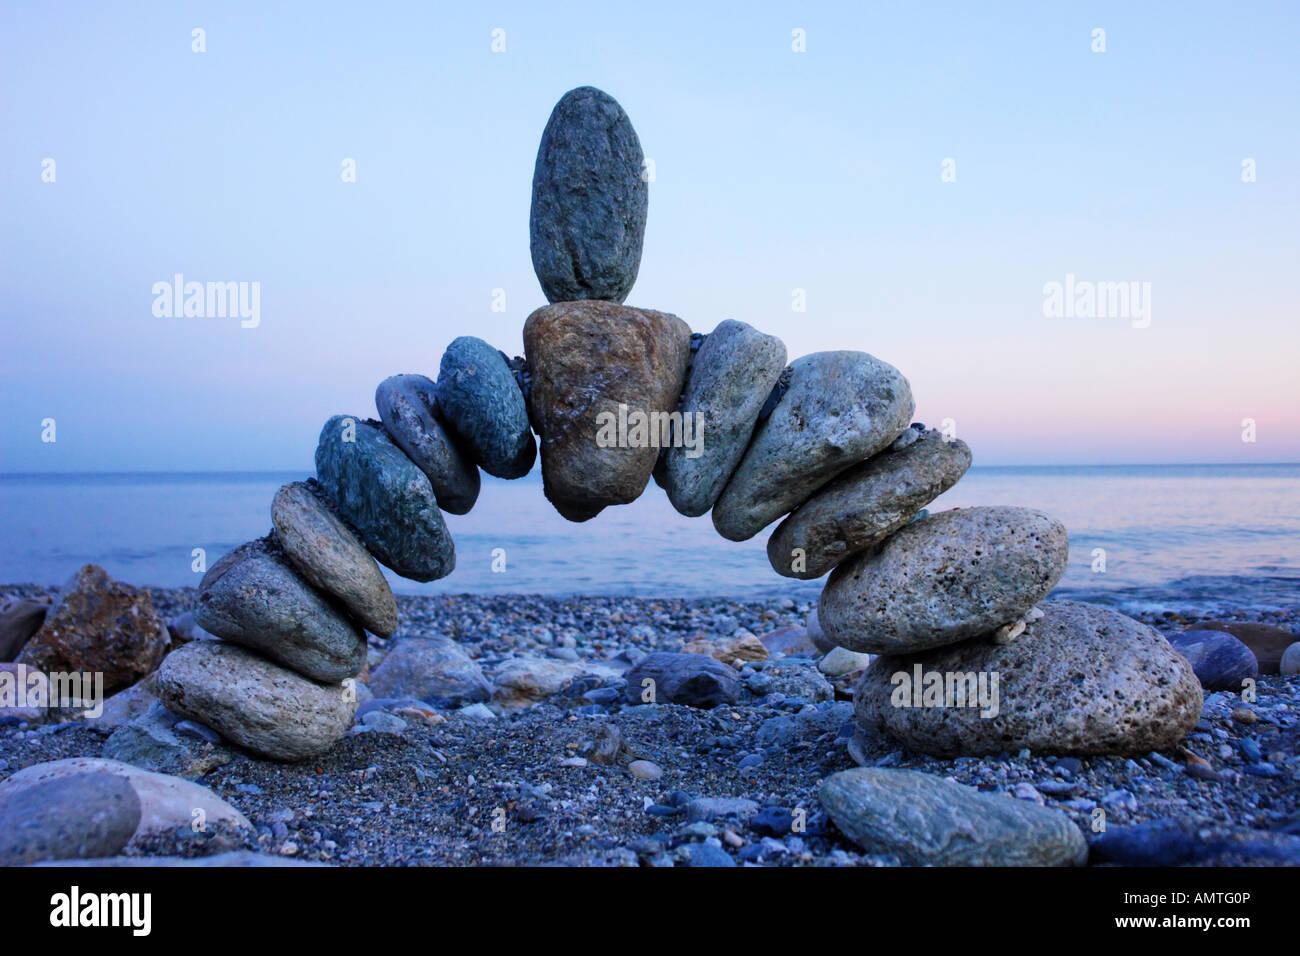 Foto des Steins im Gleichgewicht am Strand Stockbild